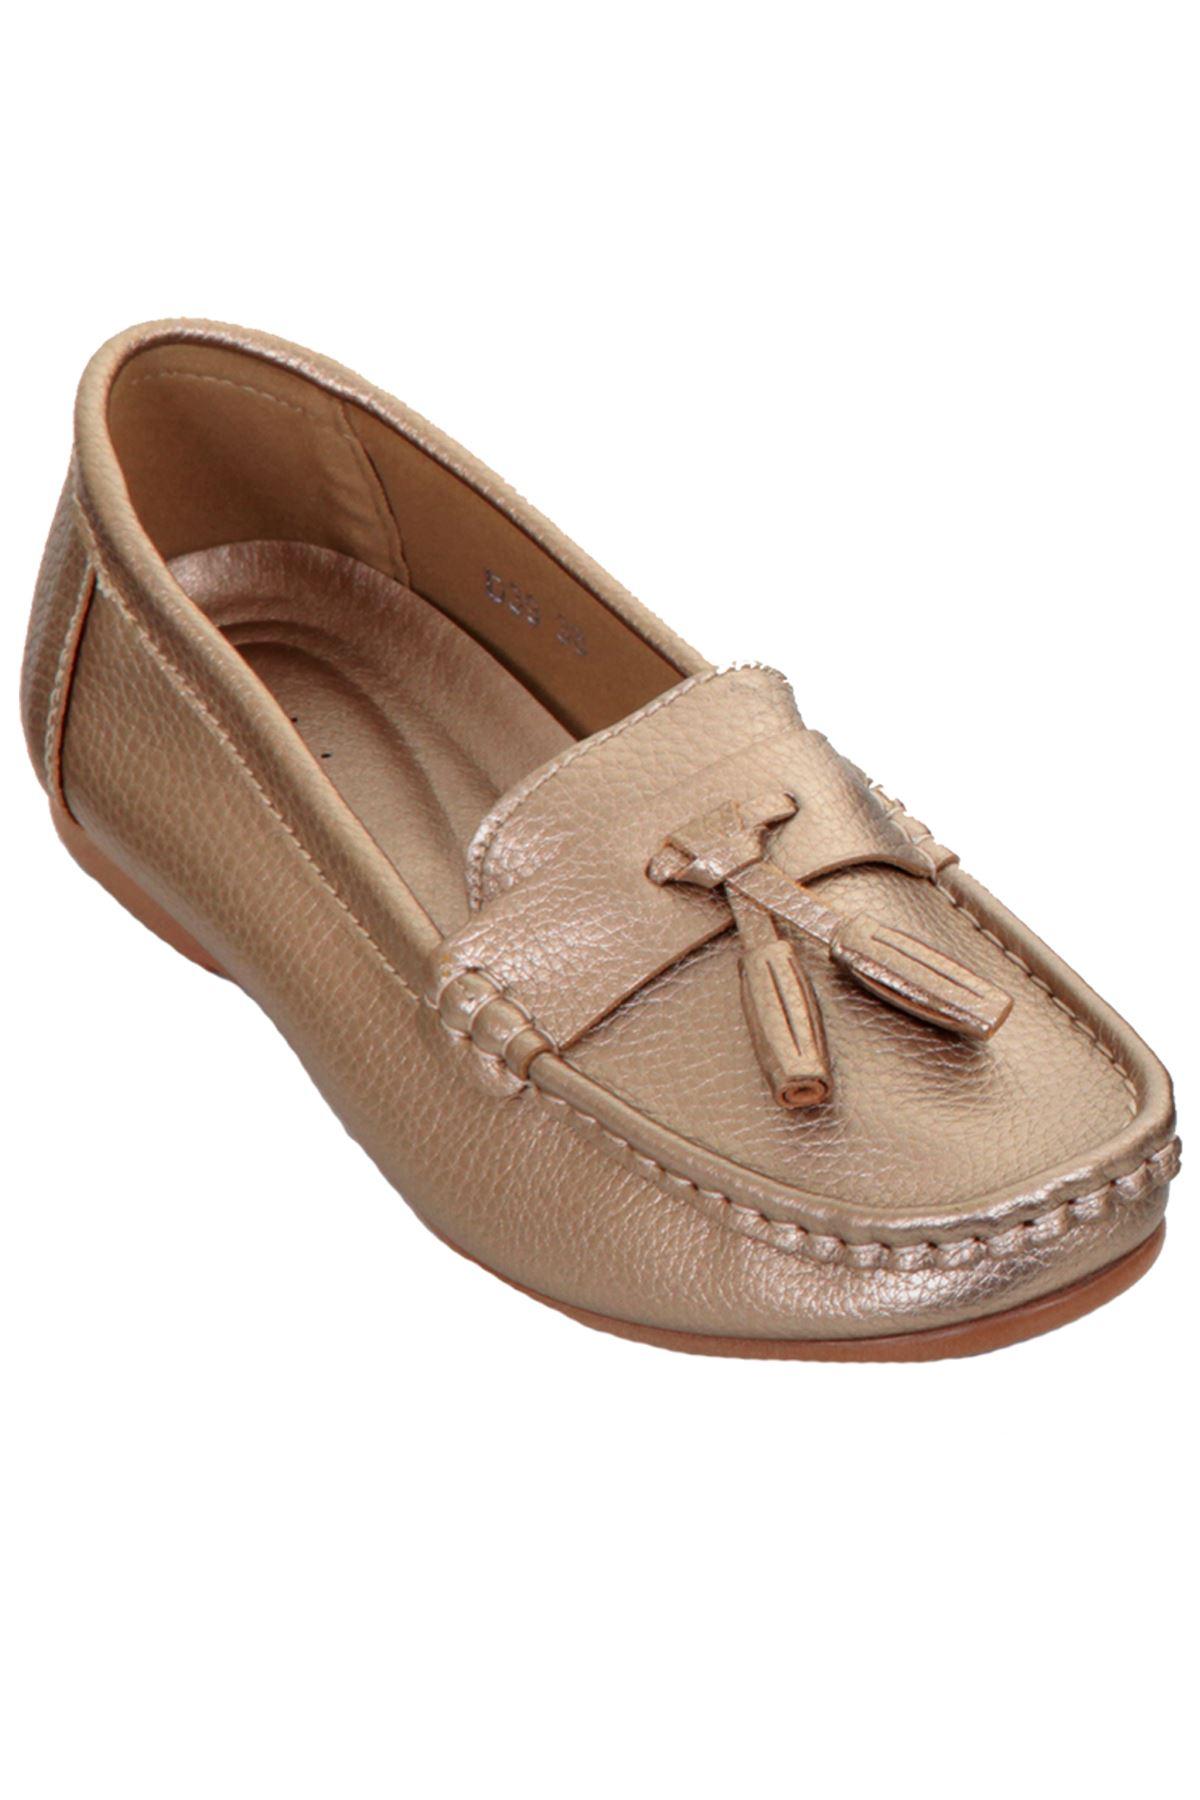 Women s Smart Shiny Metallic Moccasins Slip Flat Low Heel Tassel